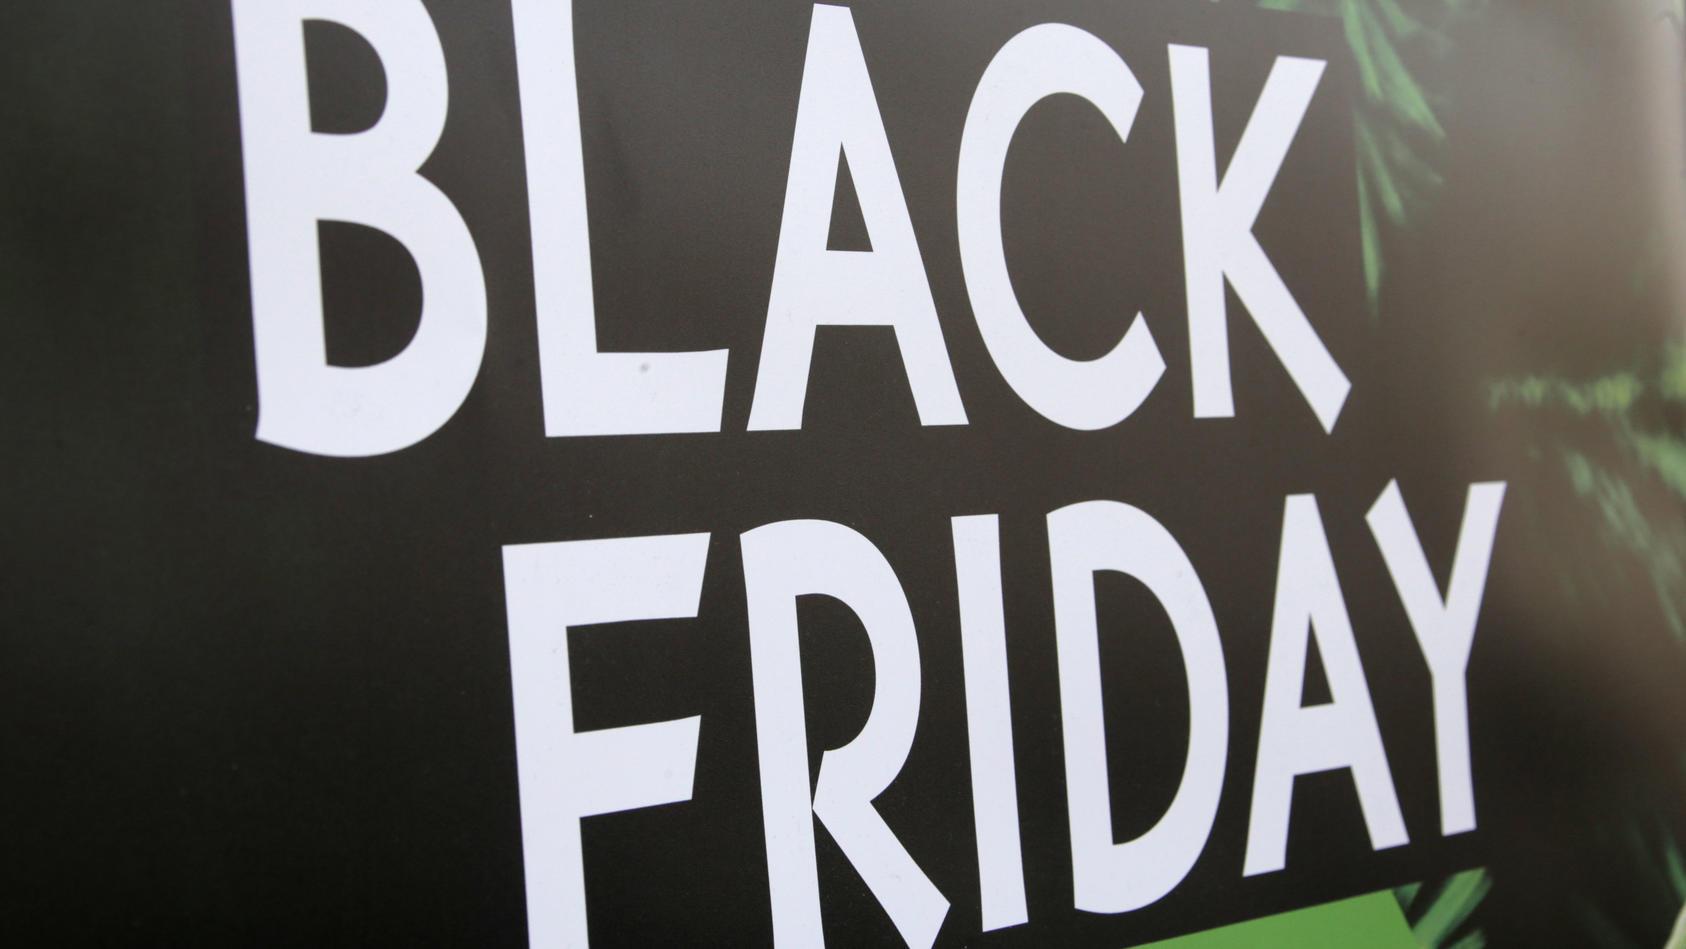 Black Friday: Umsatzeinbußen befürchtet